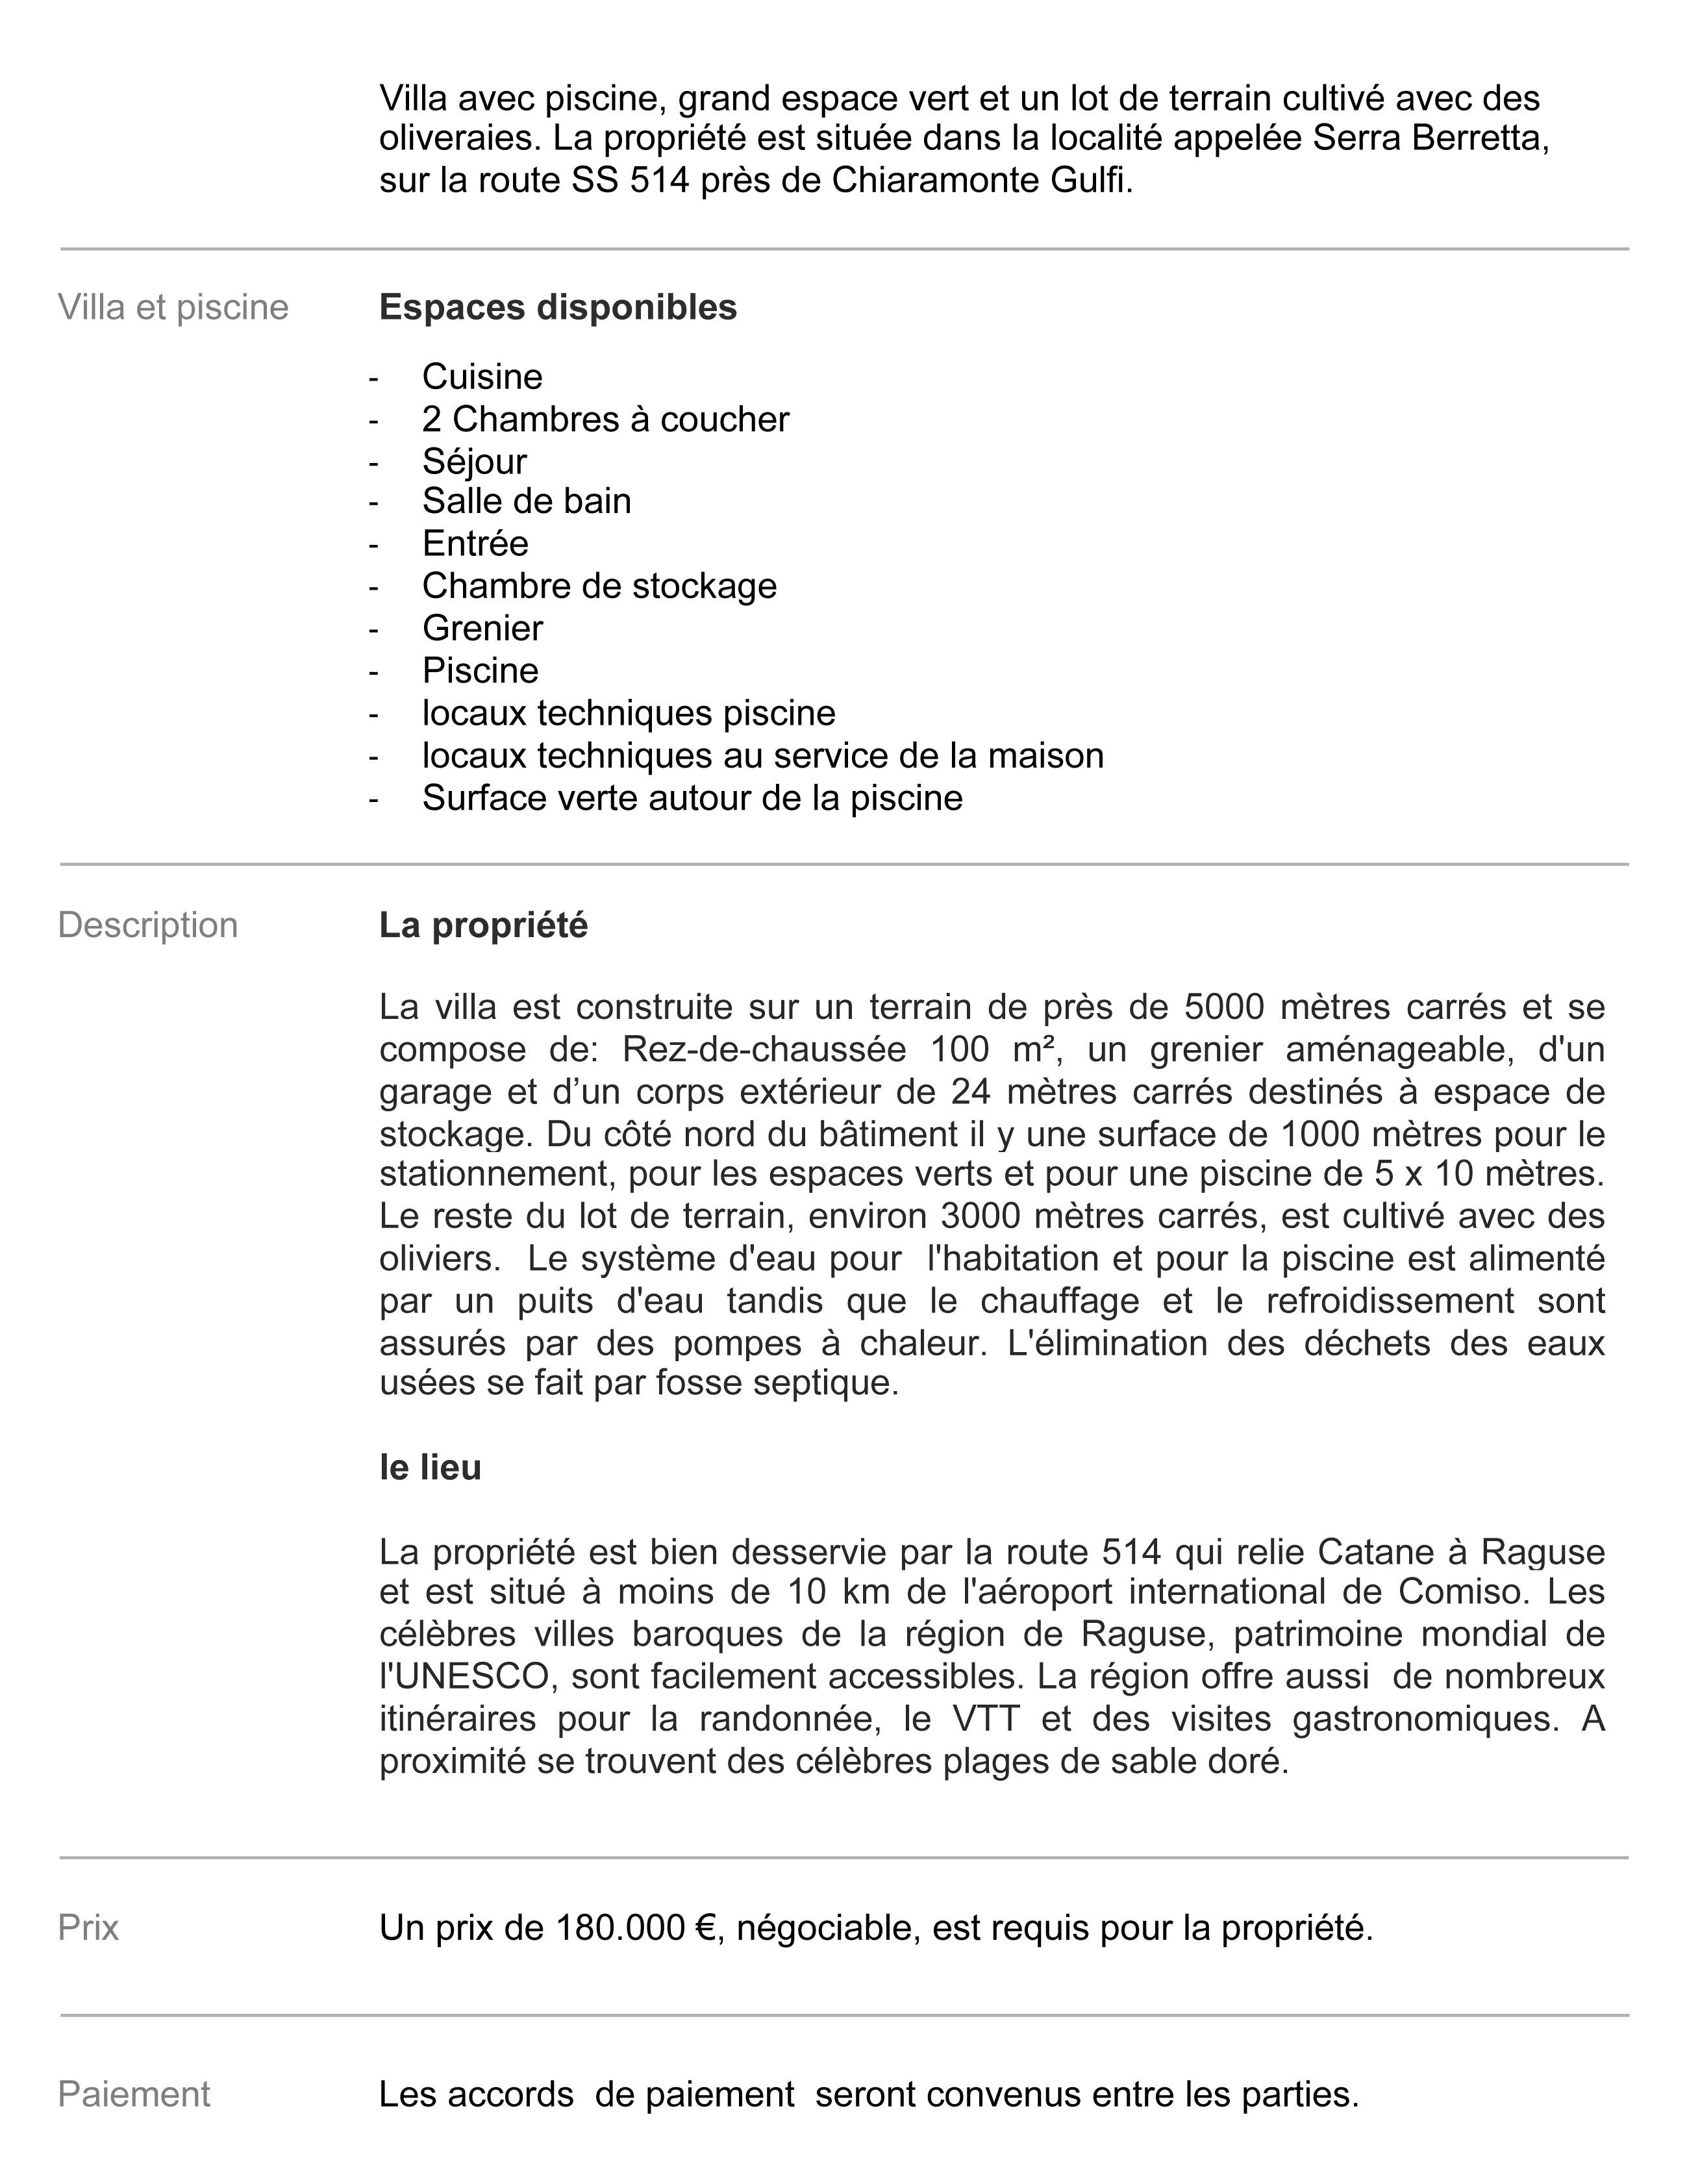 F_descrizione_Mercorillo